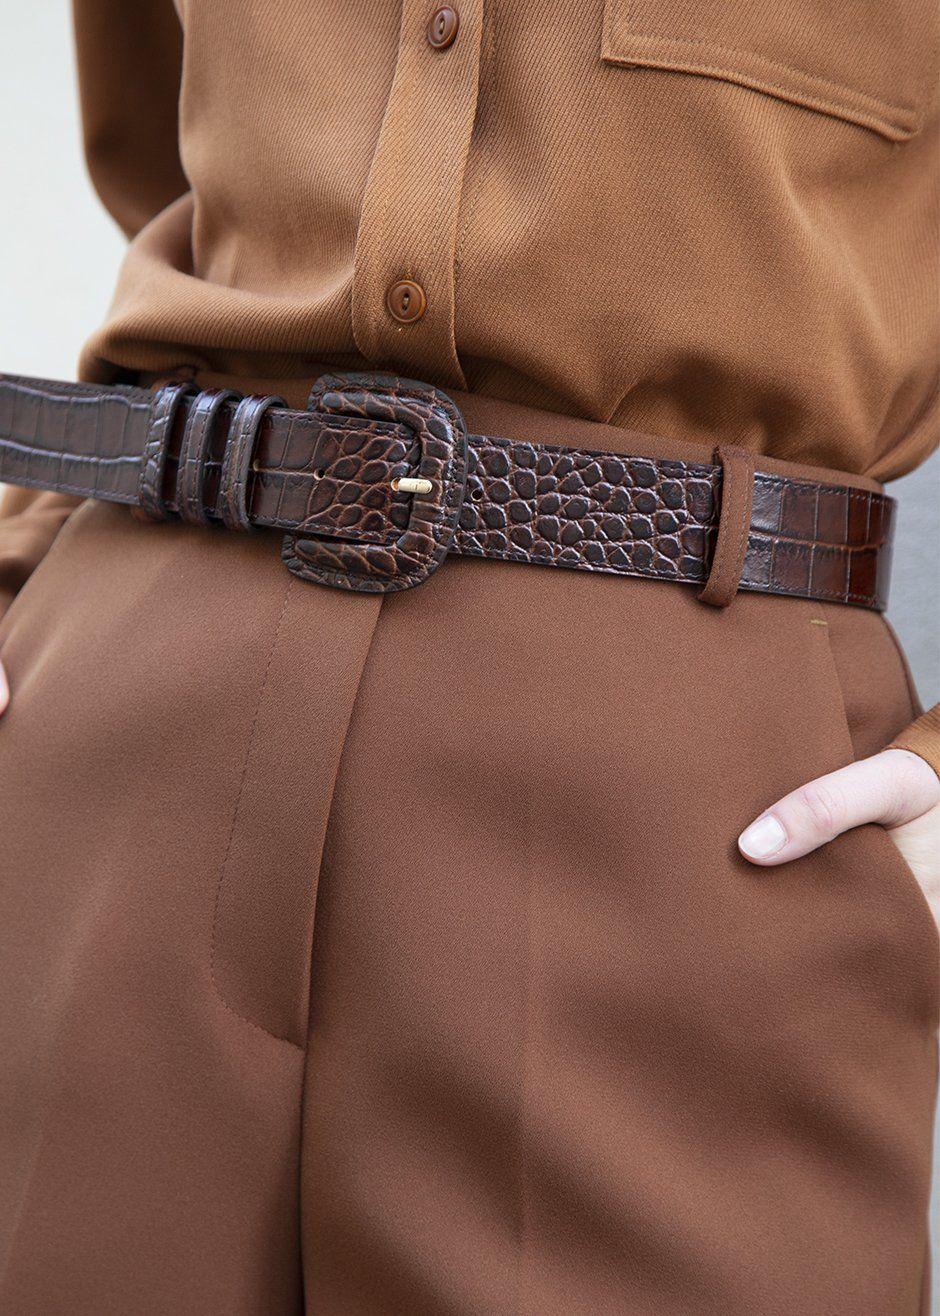 Vintage Faux Leather Belt Buckle,Light Brown Floral Embossed Pattern Belt,Vintage Gift for Her